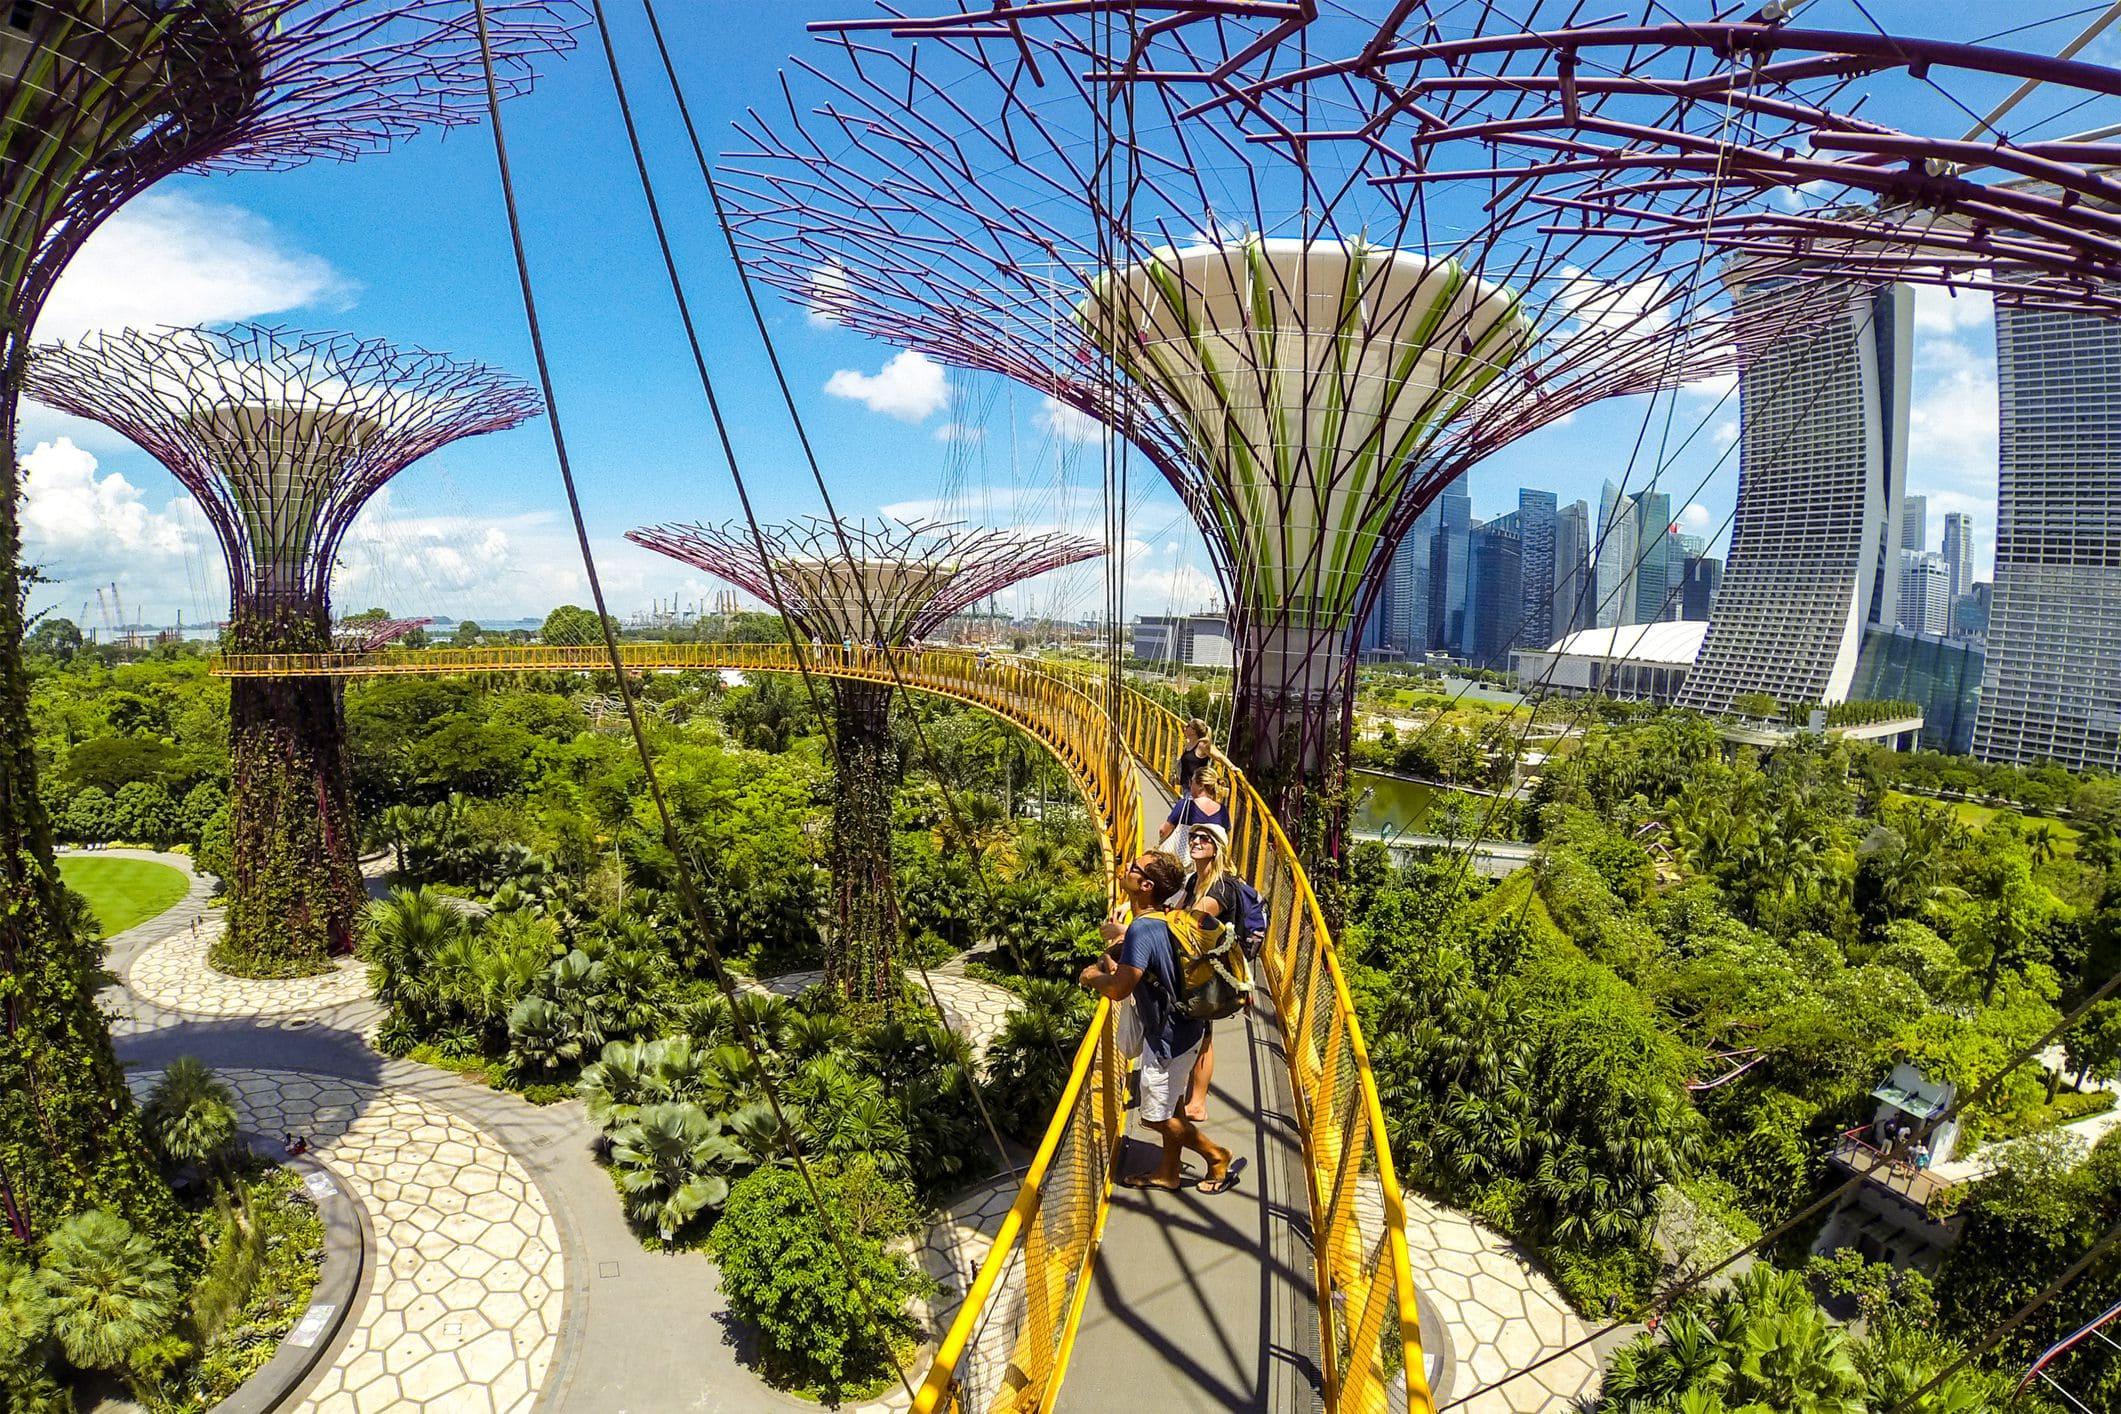 công viên ở Singapore